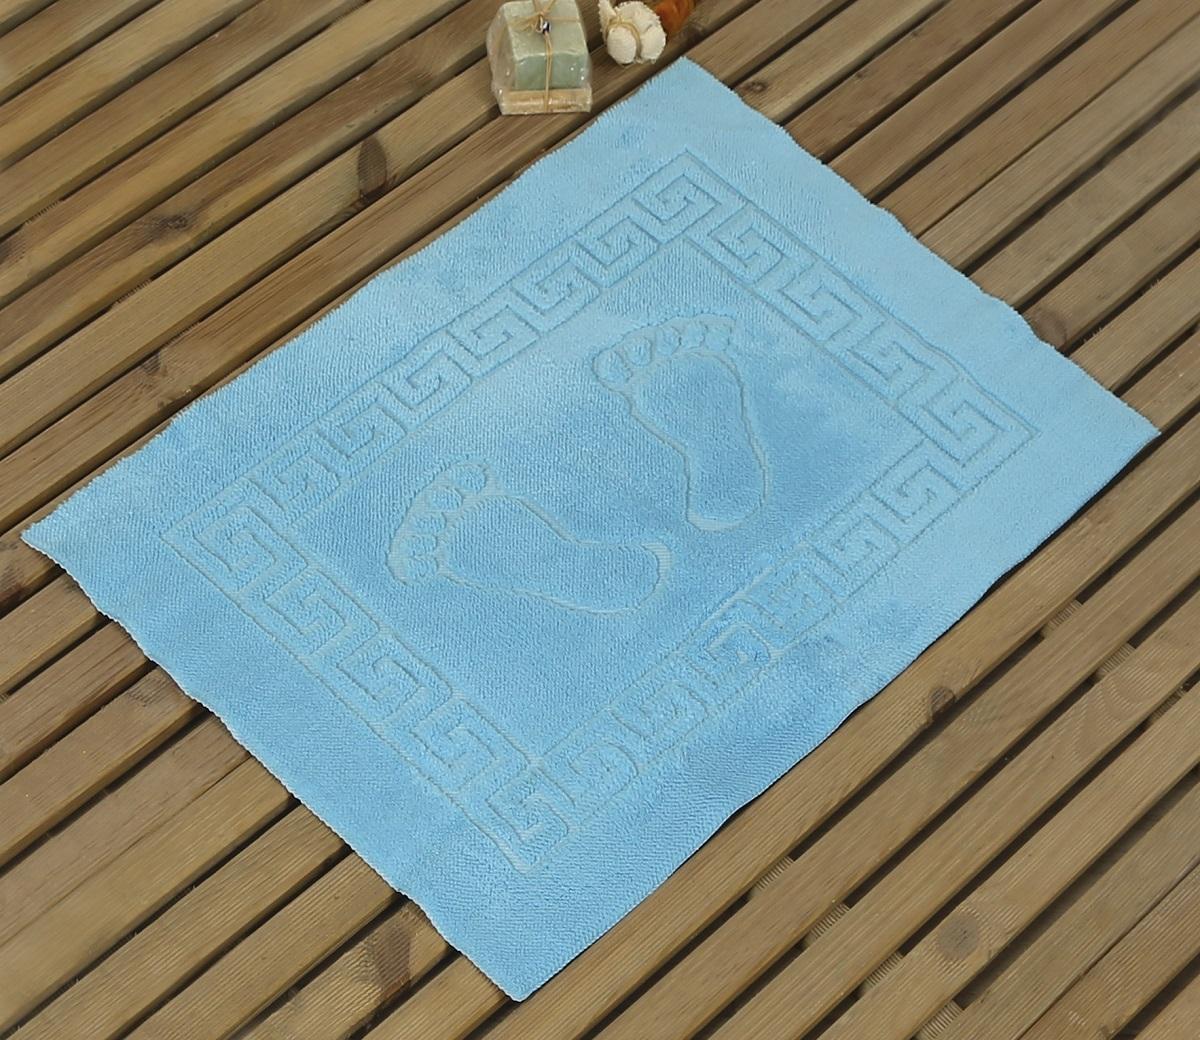 Коврик для ванной Karna Likya, цвет: бирюзовый, 50 х 70 см631/CHAR006Коврик печатный Karna сделан из 100% полиэстера. Полиэстер является синтетическим волокном. Ткань, полностью изготовленная из полиэстера, даже после увлажнения, очень быстро сохнет. Коврик из полиэстера практически не требователен к уходу и обладает высокой устойчивостью к износу.Коврик из полиэстера не мнётся и легко стирается, после стирки очень быстро высыхает. Материал очень прочный, за время использования не растягивается и не садится. А так же обладает высокой влагонепроницаемостью.Размер: 50 х 70 см.